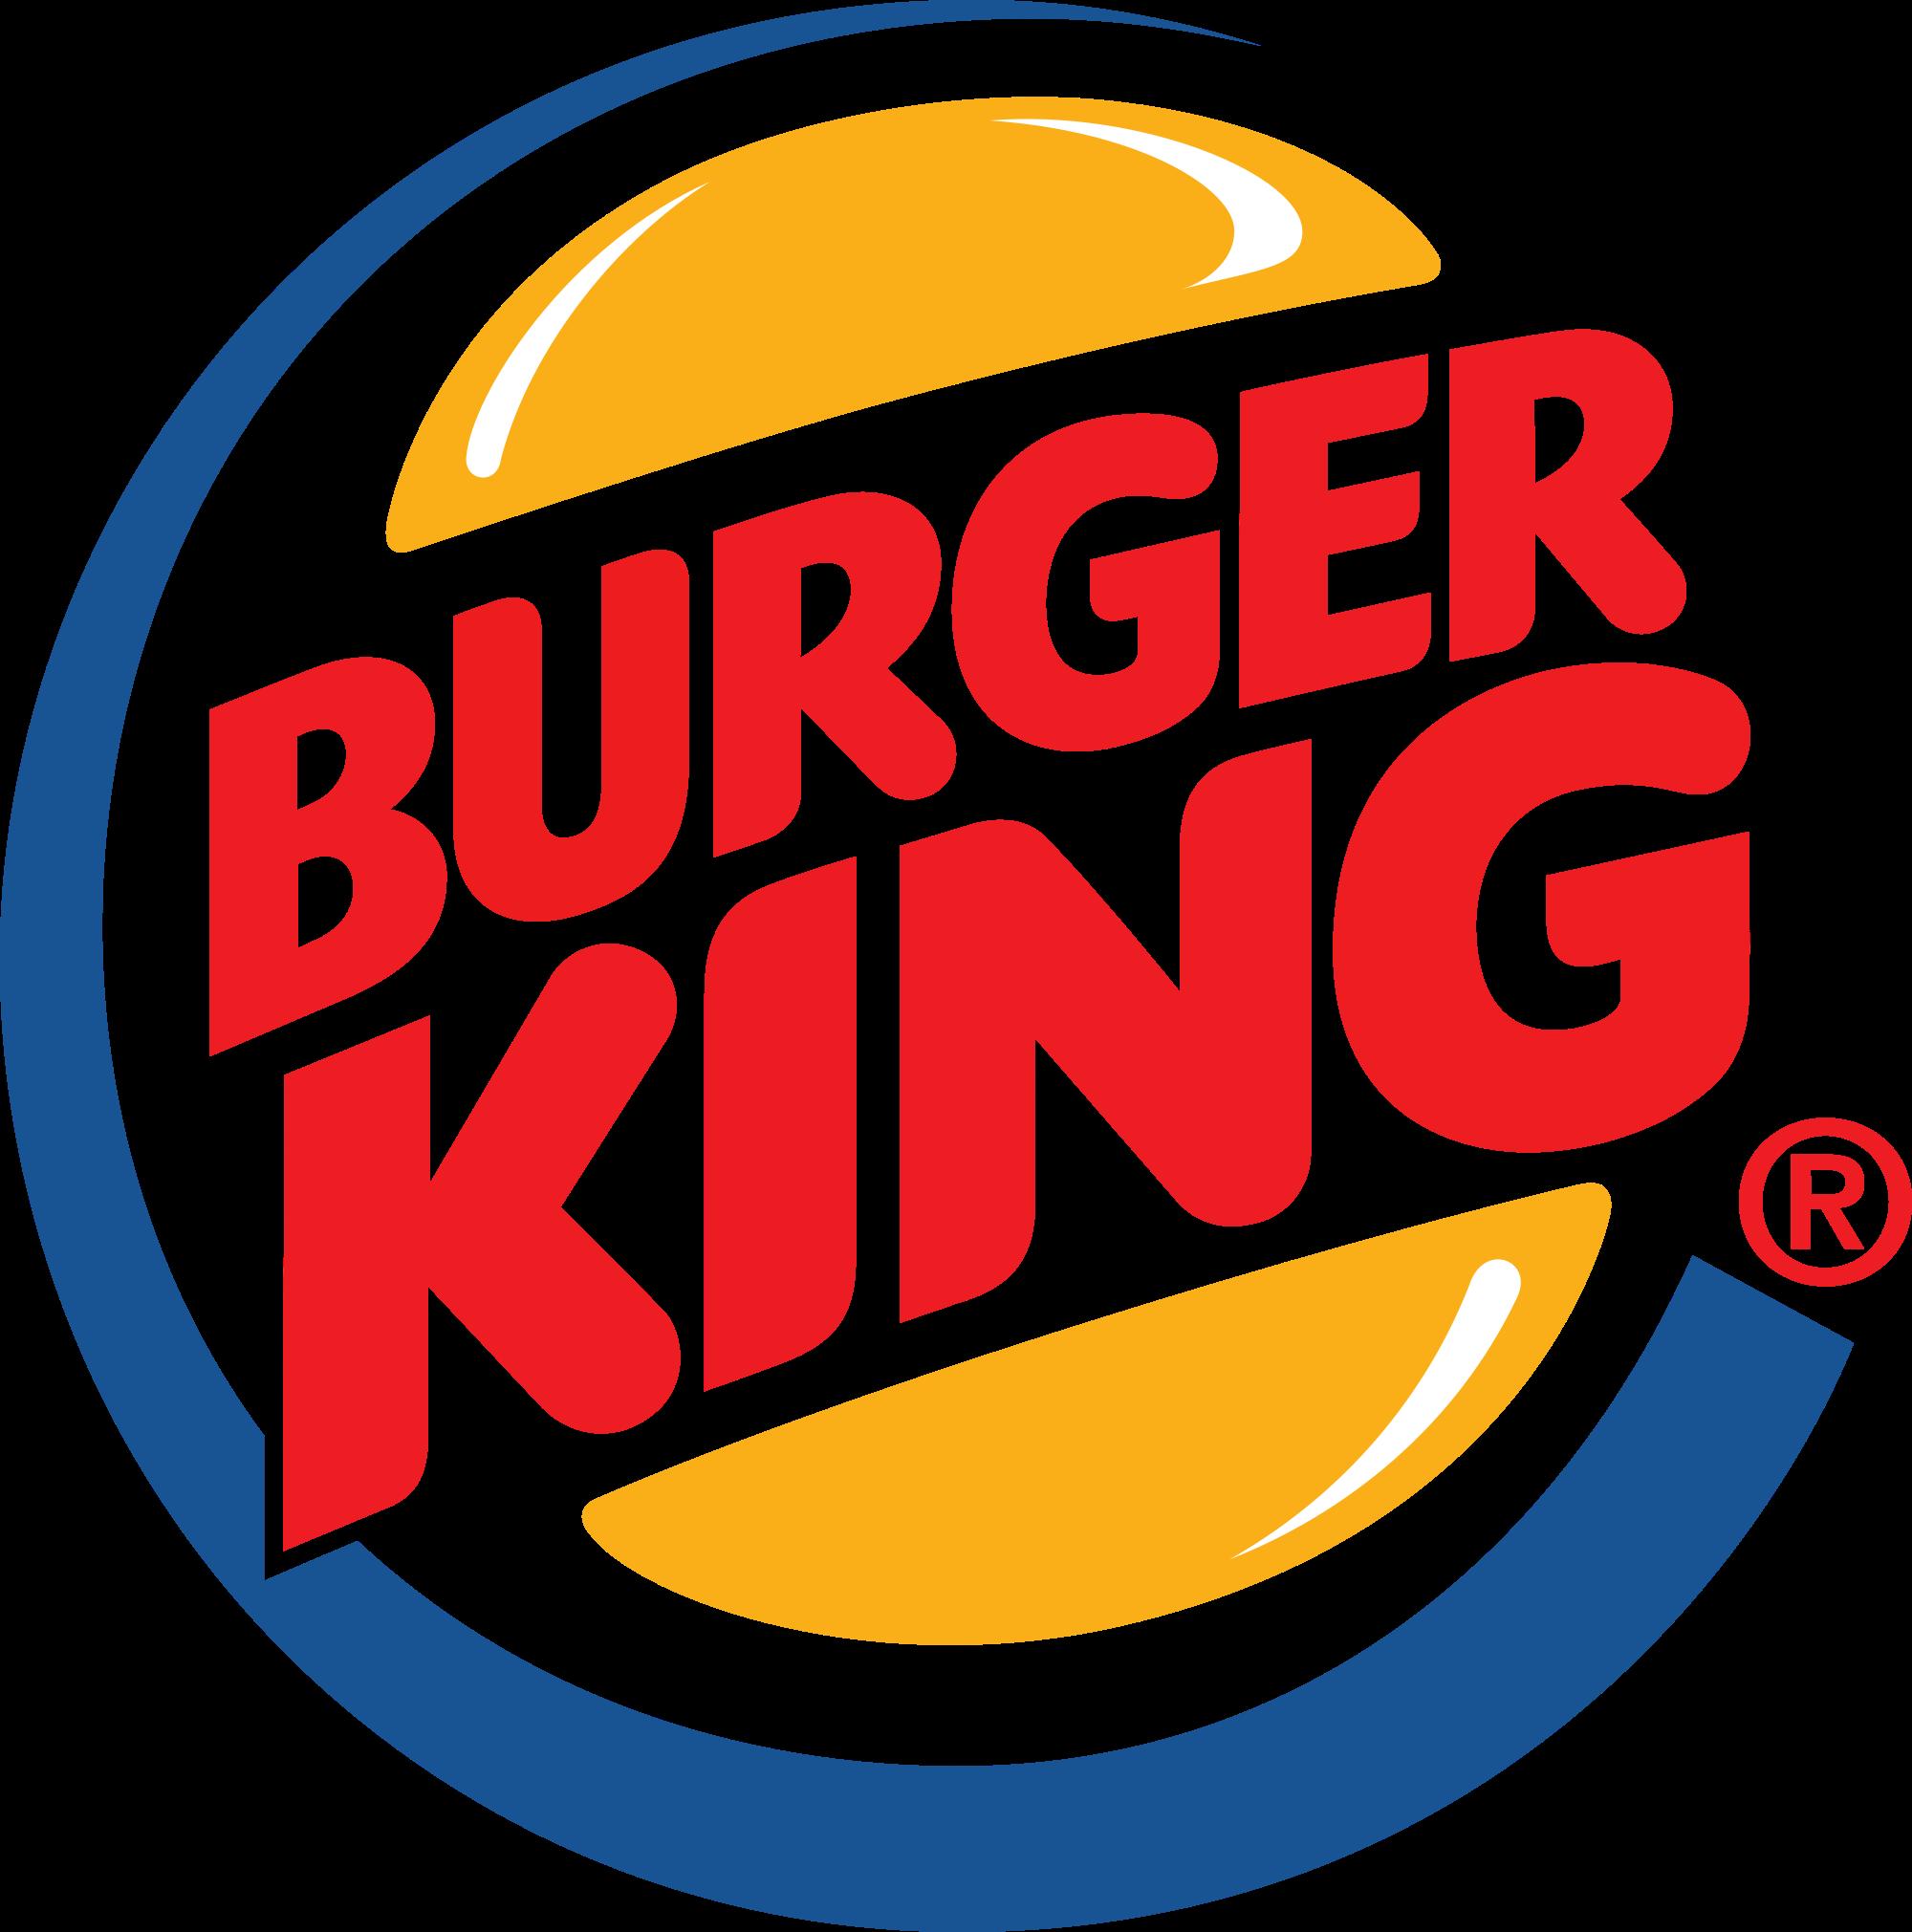 Burger King - Saki Naka - Mumbai Image